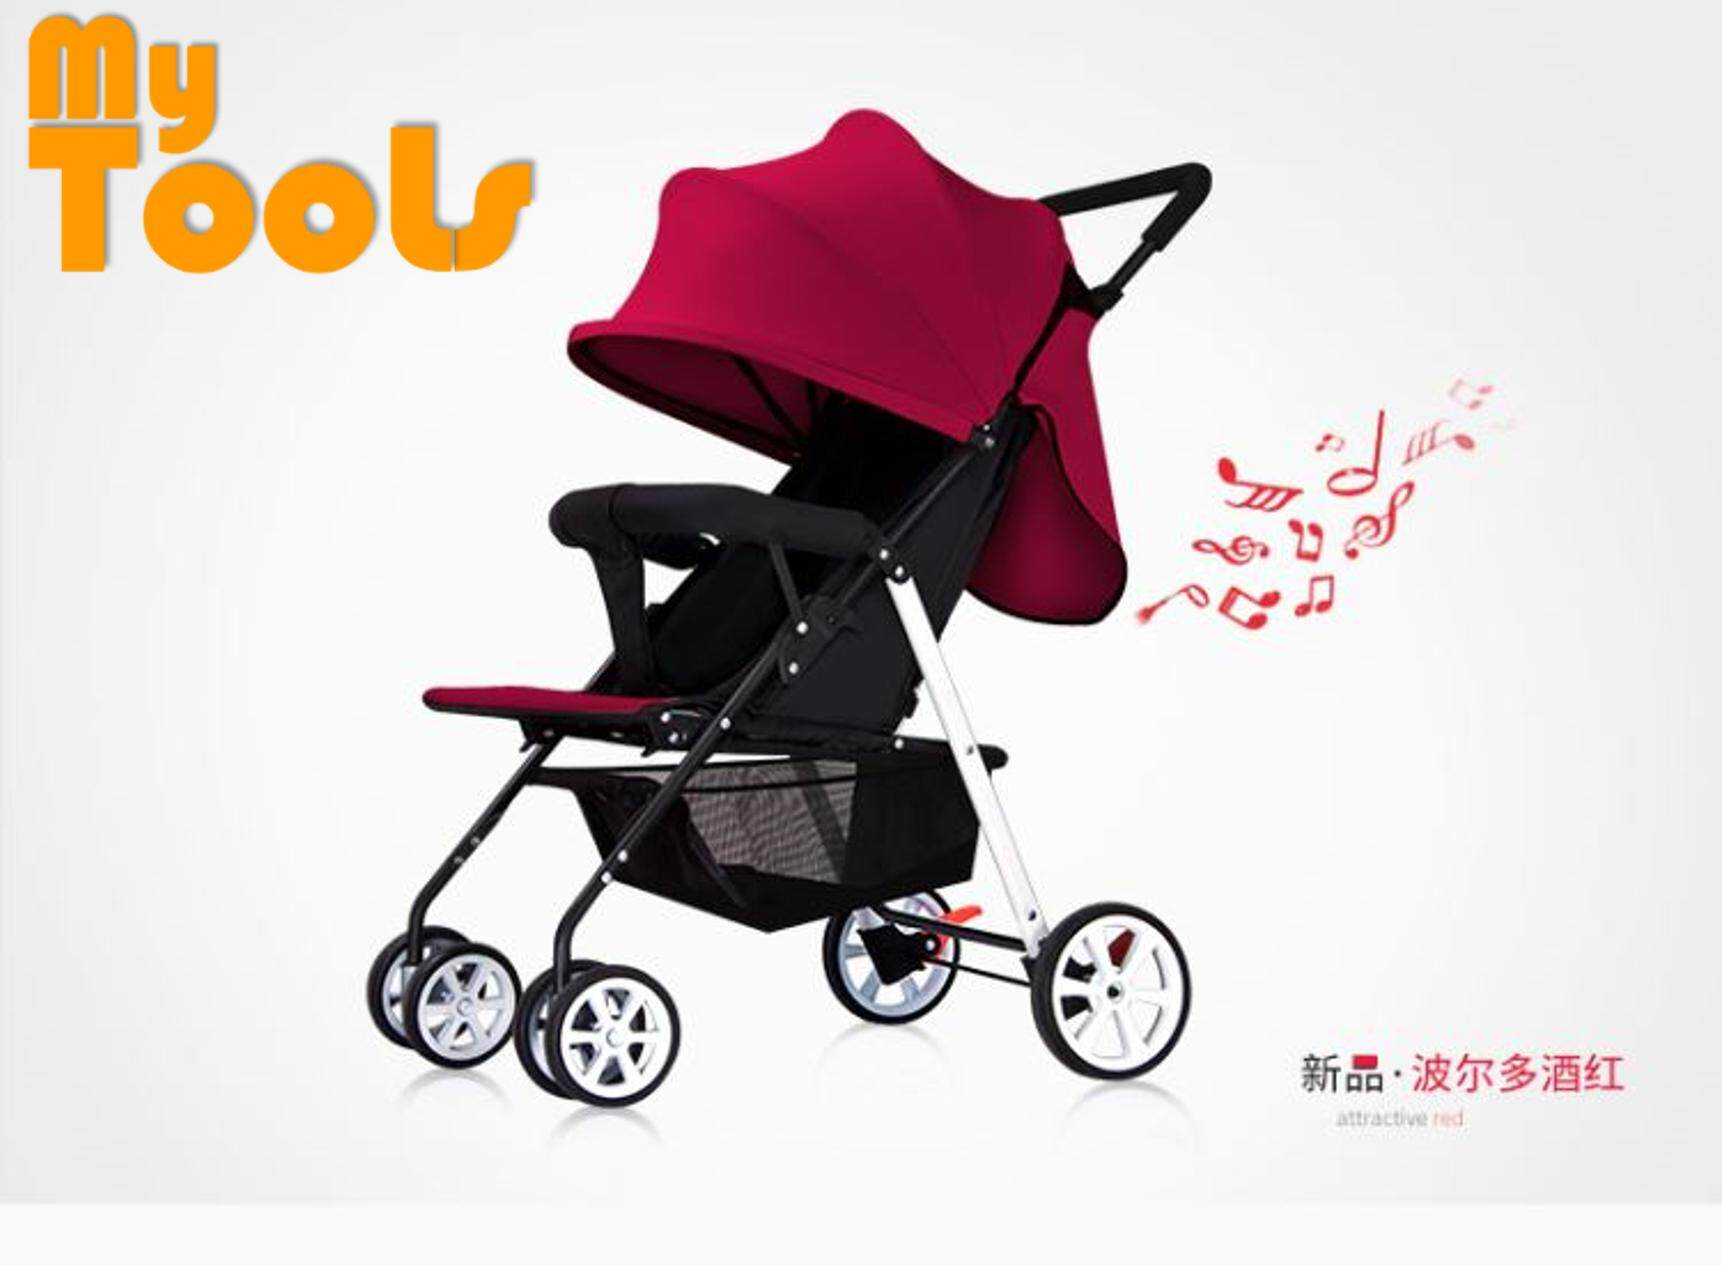 The Best Prices For Baby Toddler Lazada Malaysia Salt N Pepper Kemeja Pria Lengan Pendek 042 Red Prams